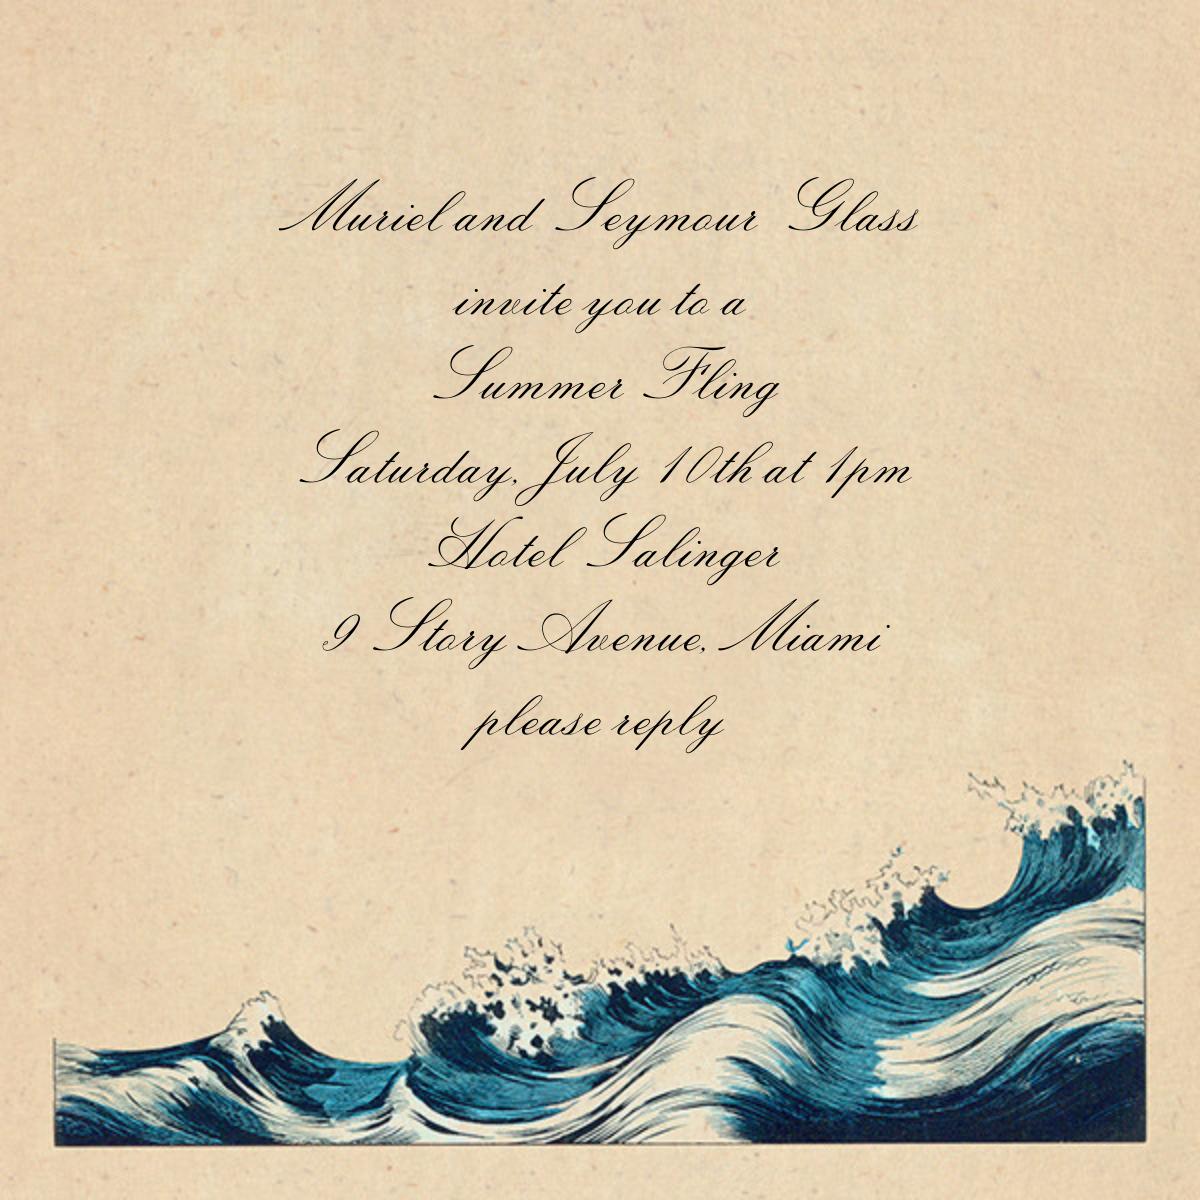 Rough Waves - John Derian - Beach party